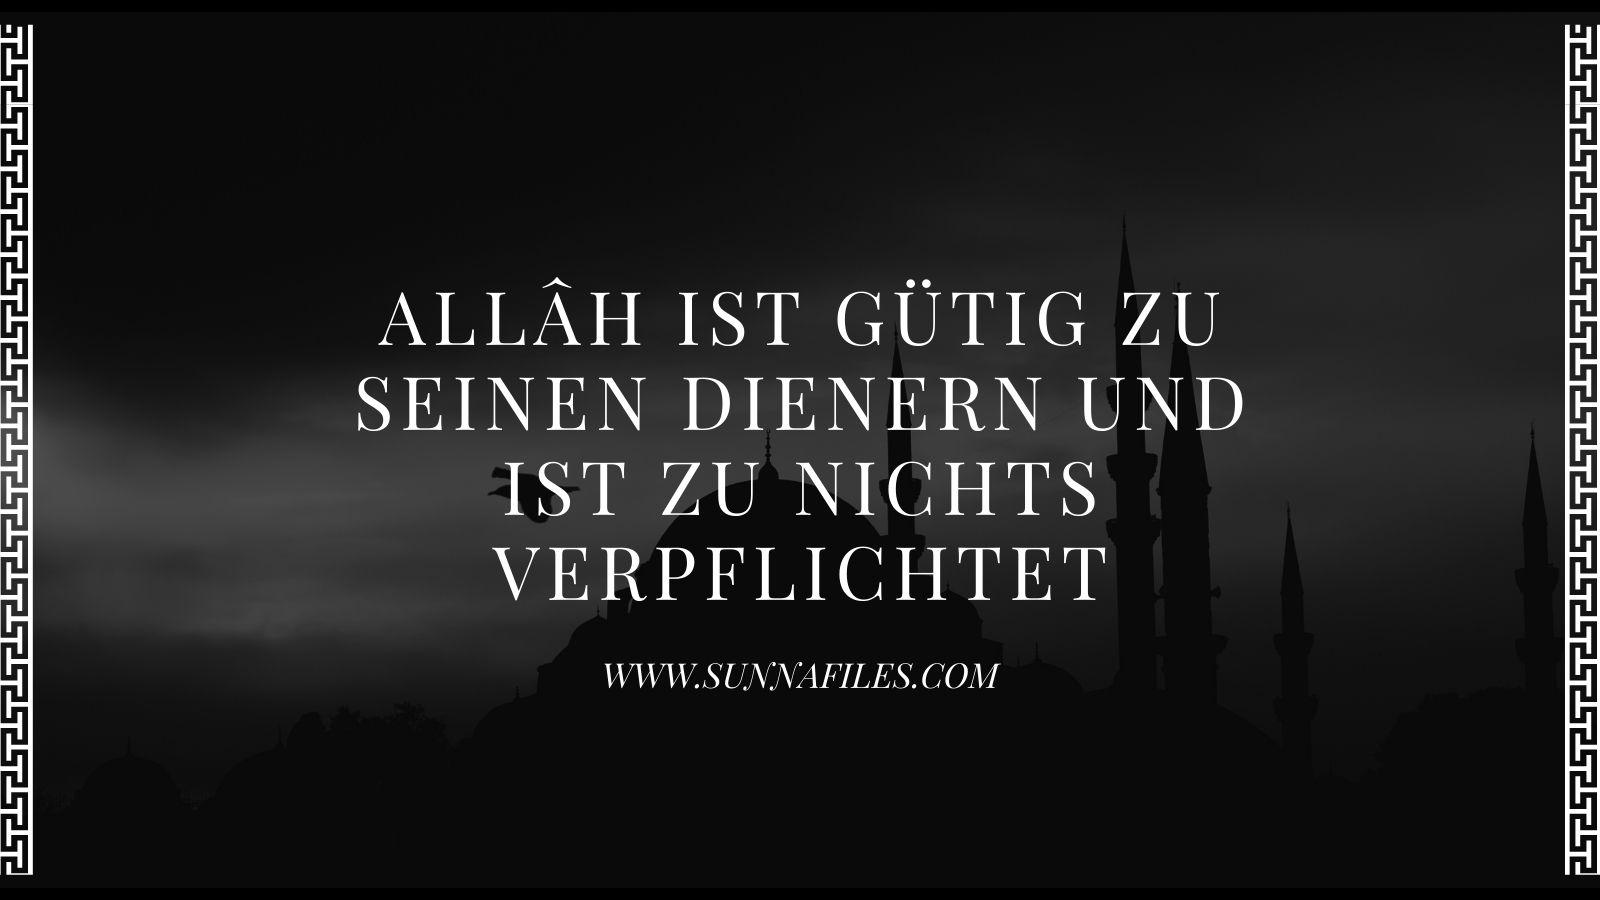 Vergebung bitten um islam jemanden Üble Nachrede,